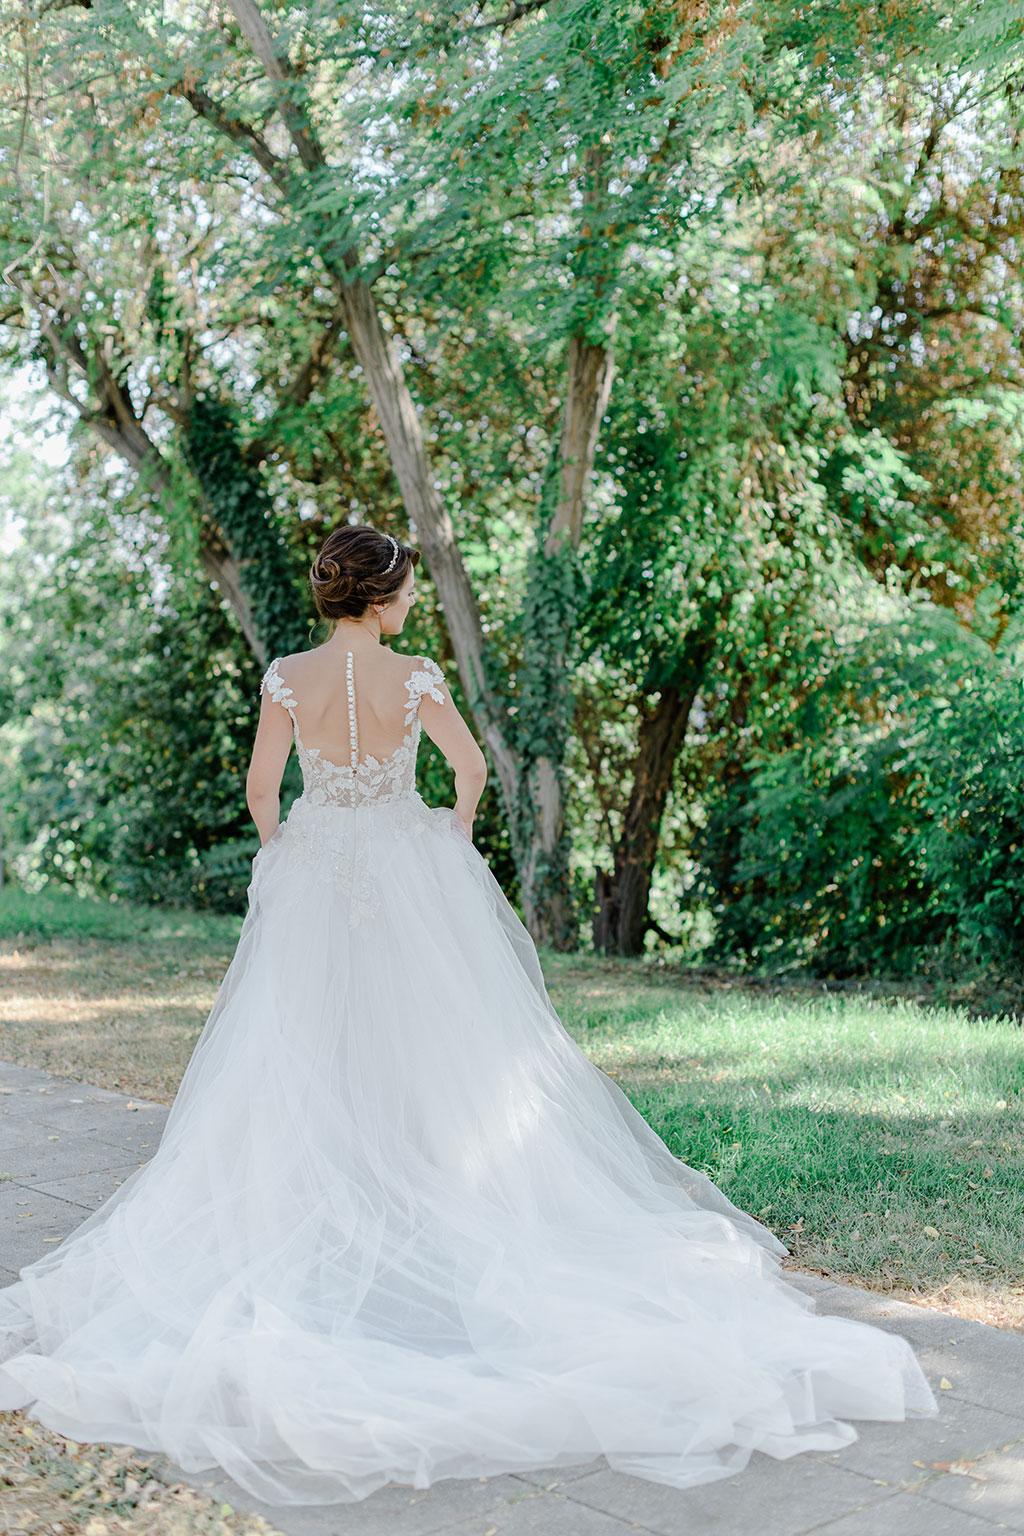 Φωτογράφιση γάμου στην Θεσσαλονίκη, η νύφη περπατάει μέσα στα δένδρα, wedding in thessaloniki